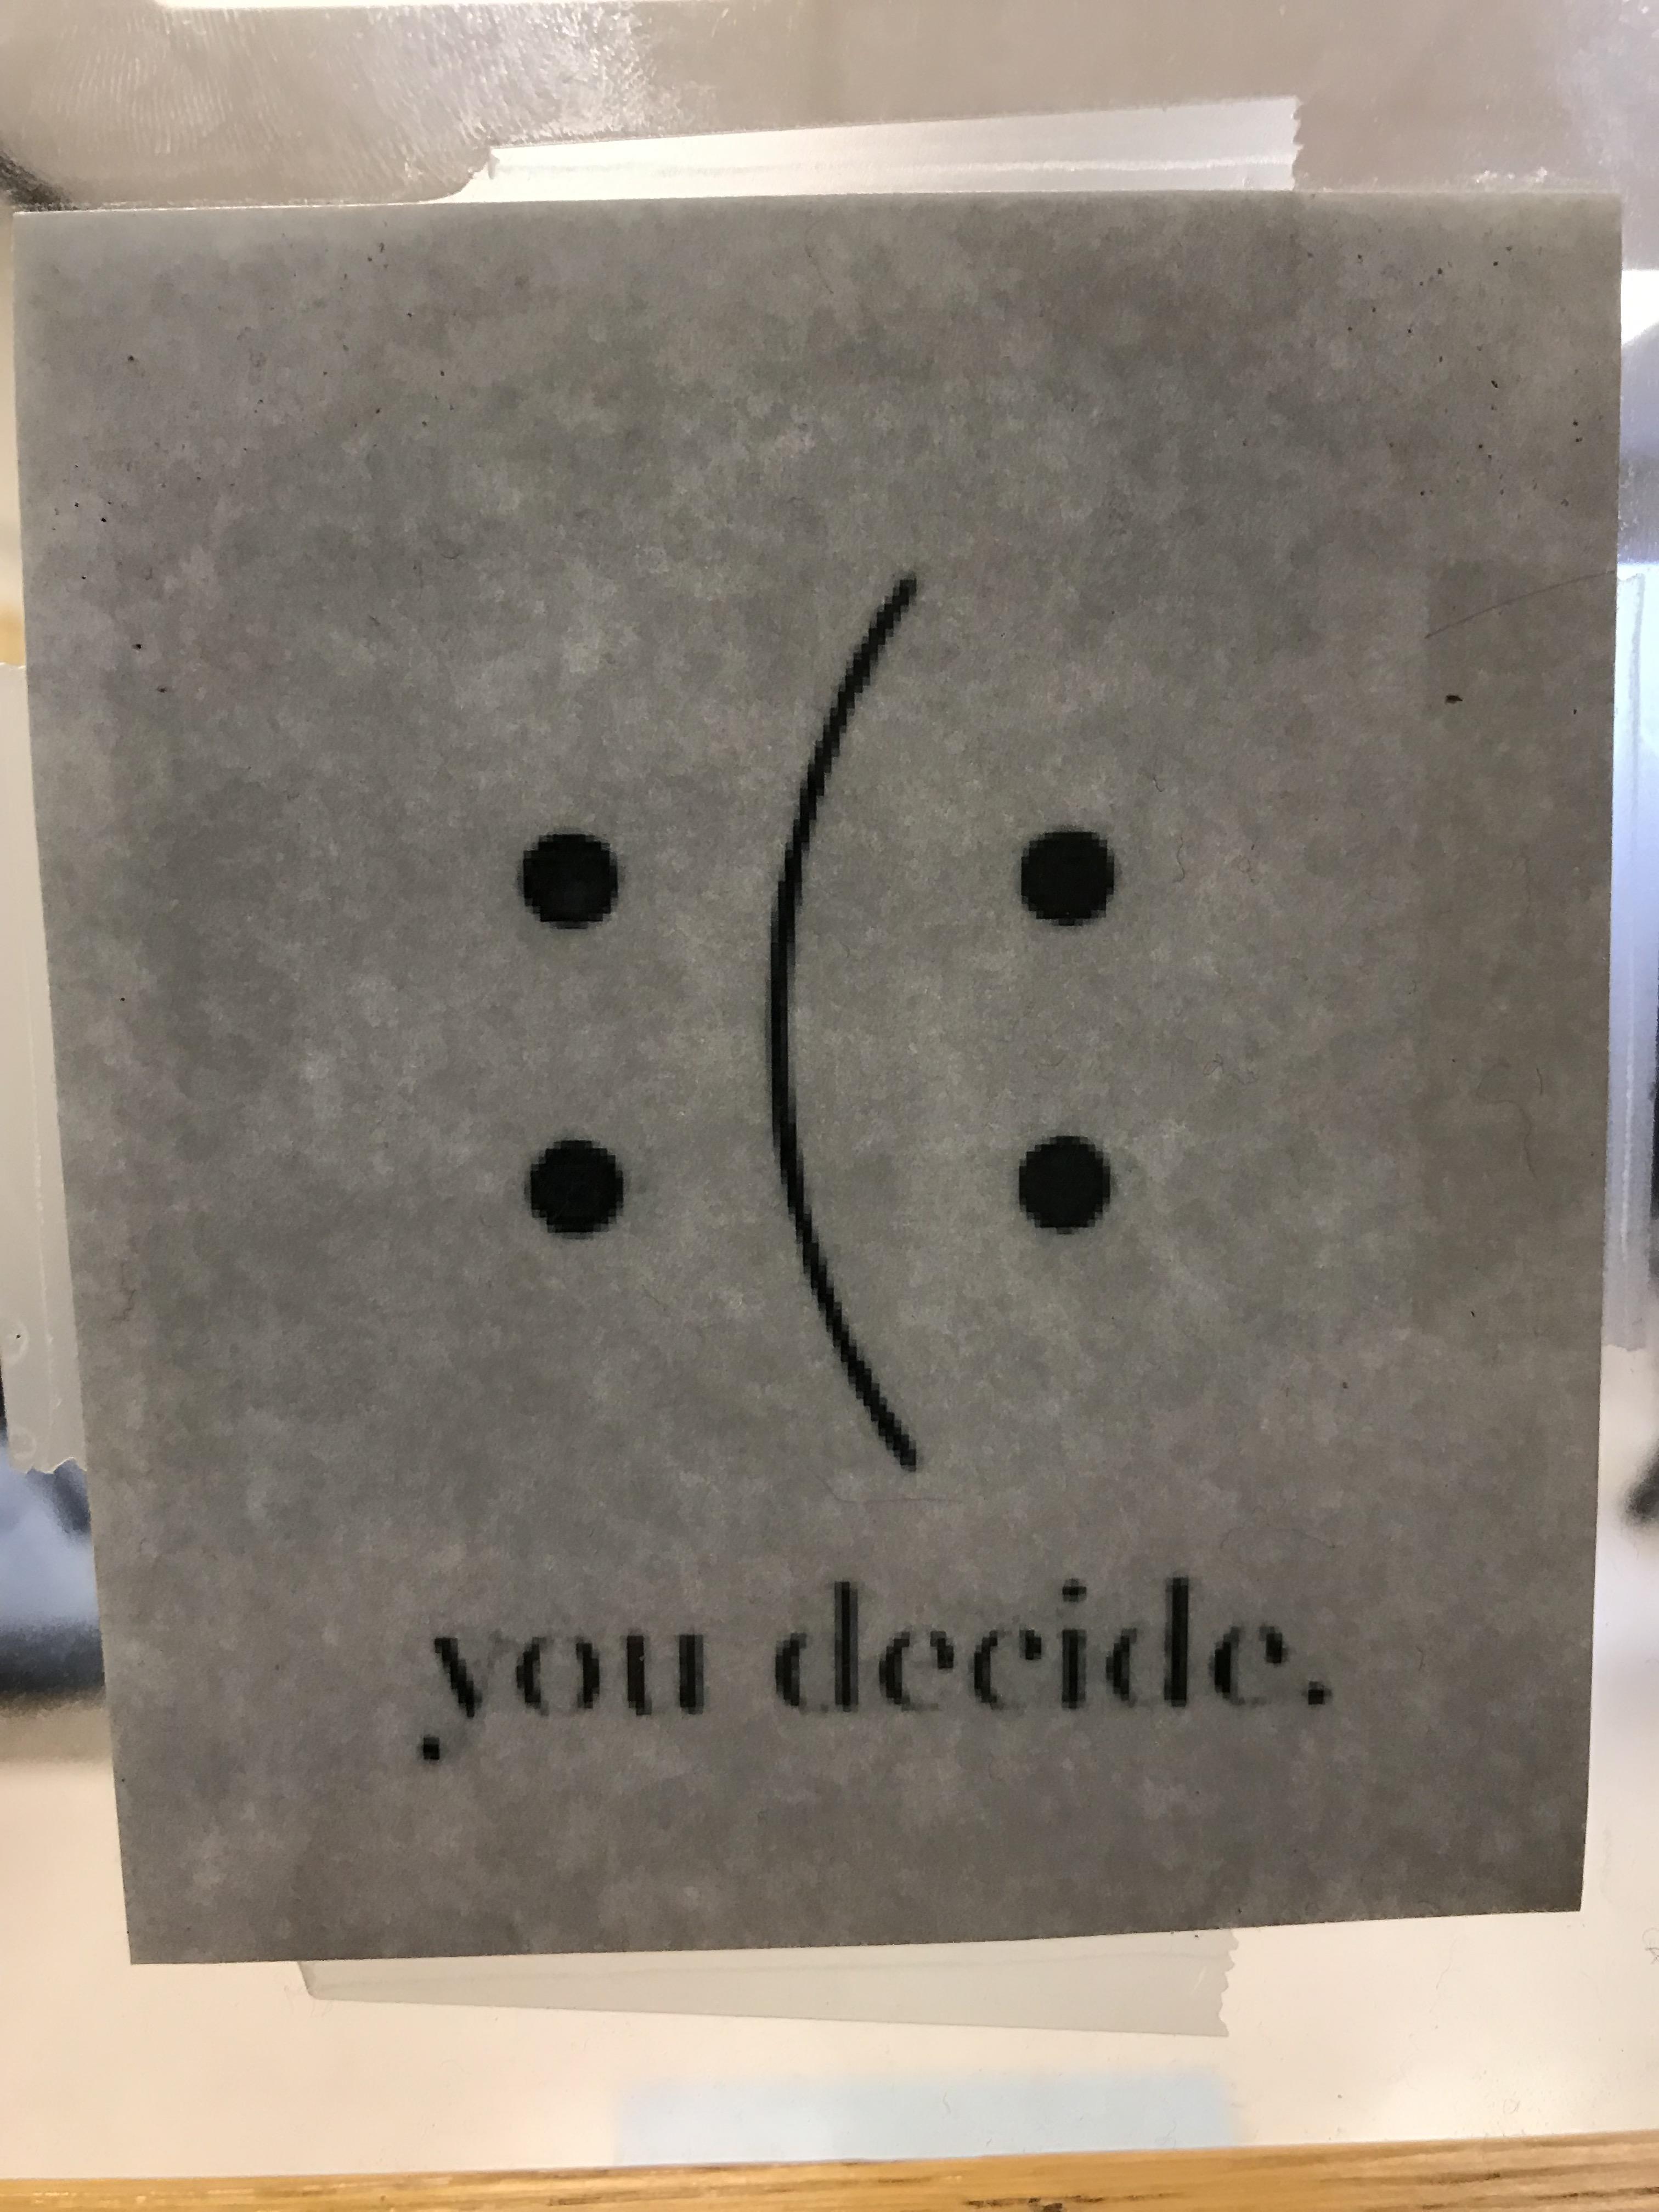 [Image] You decide.